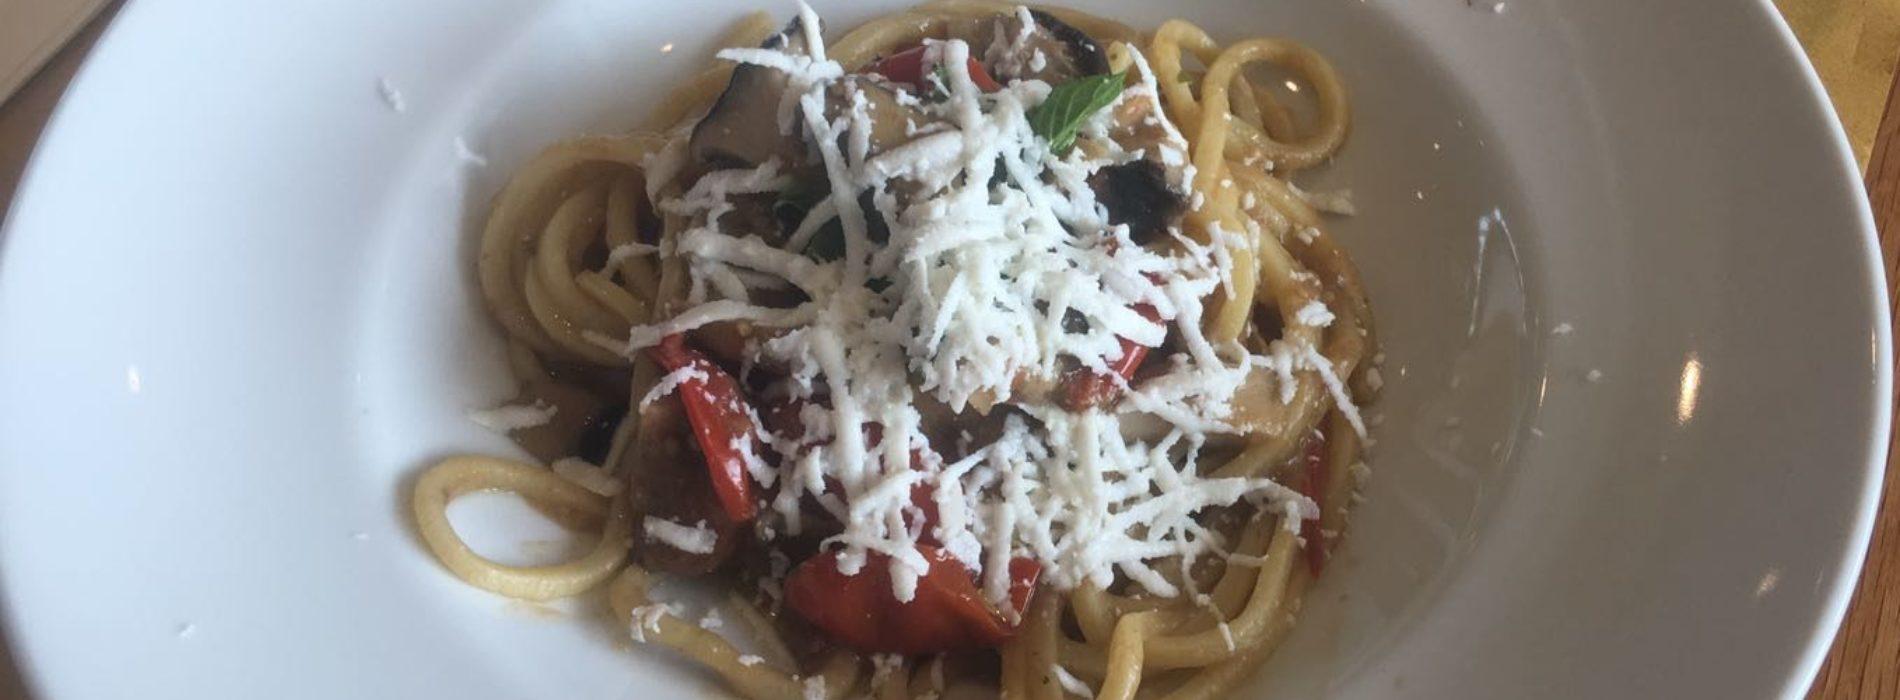 L'Osteria pugliese di Peppe Zullo a Roma, per un mese da Eataly troccoli con ragù di melenzane e sorbetto zucca e peperoncino